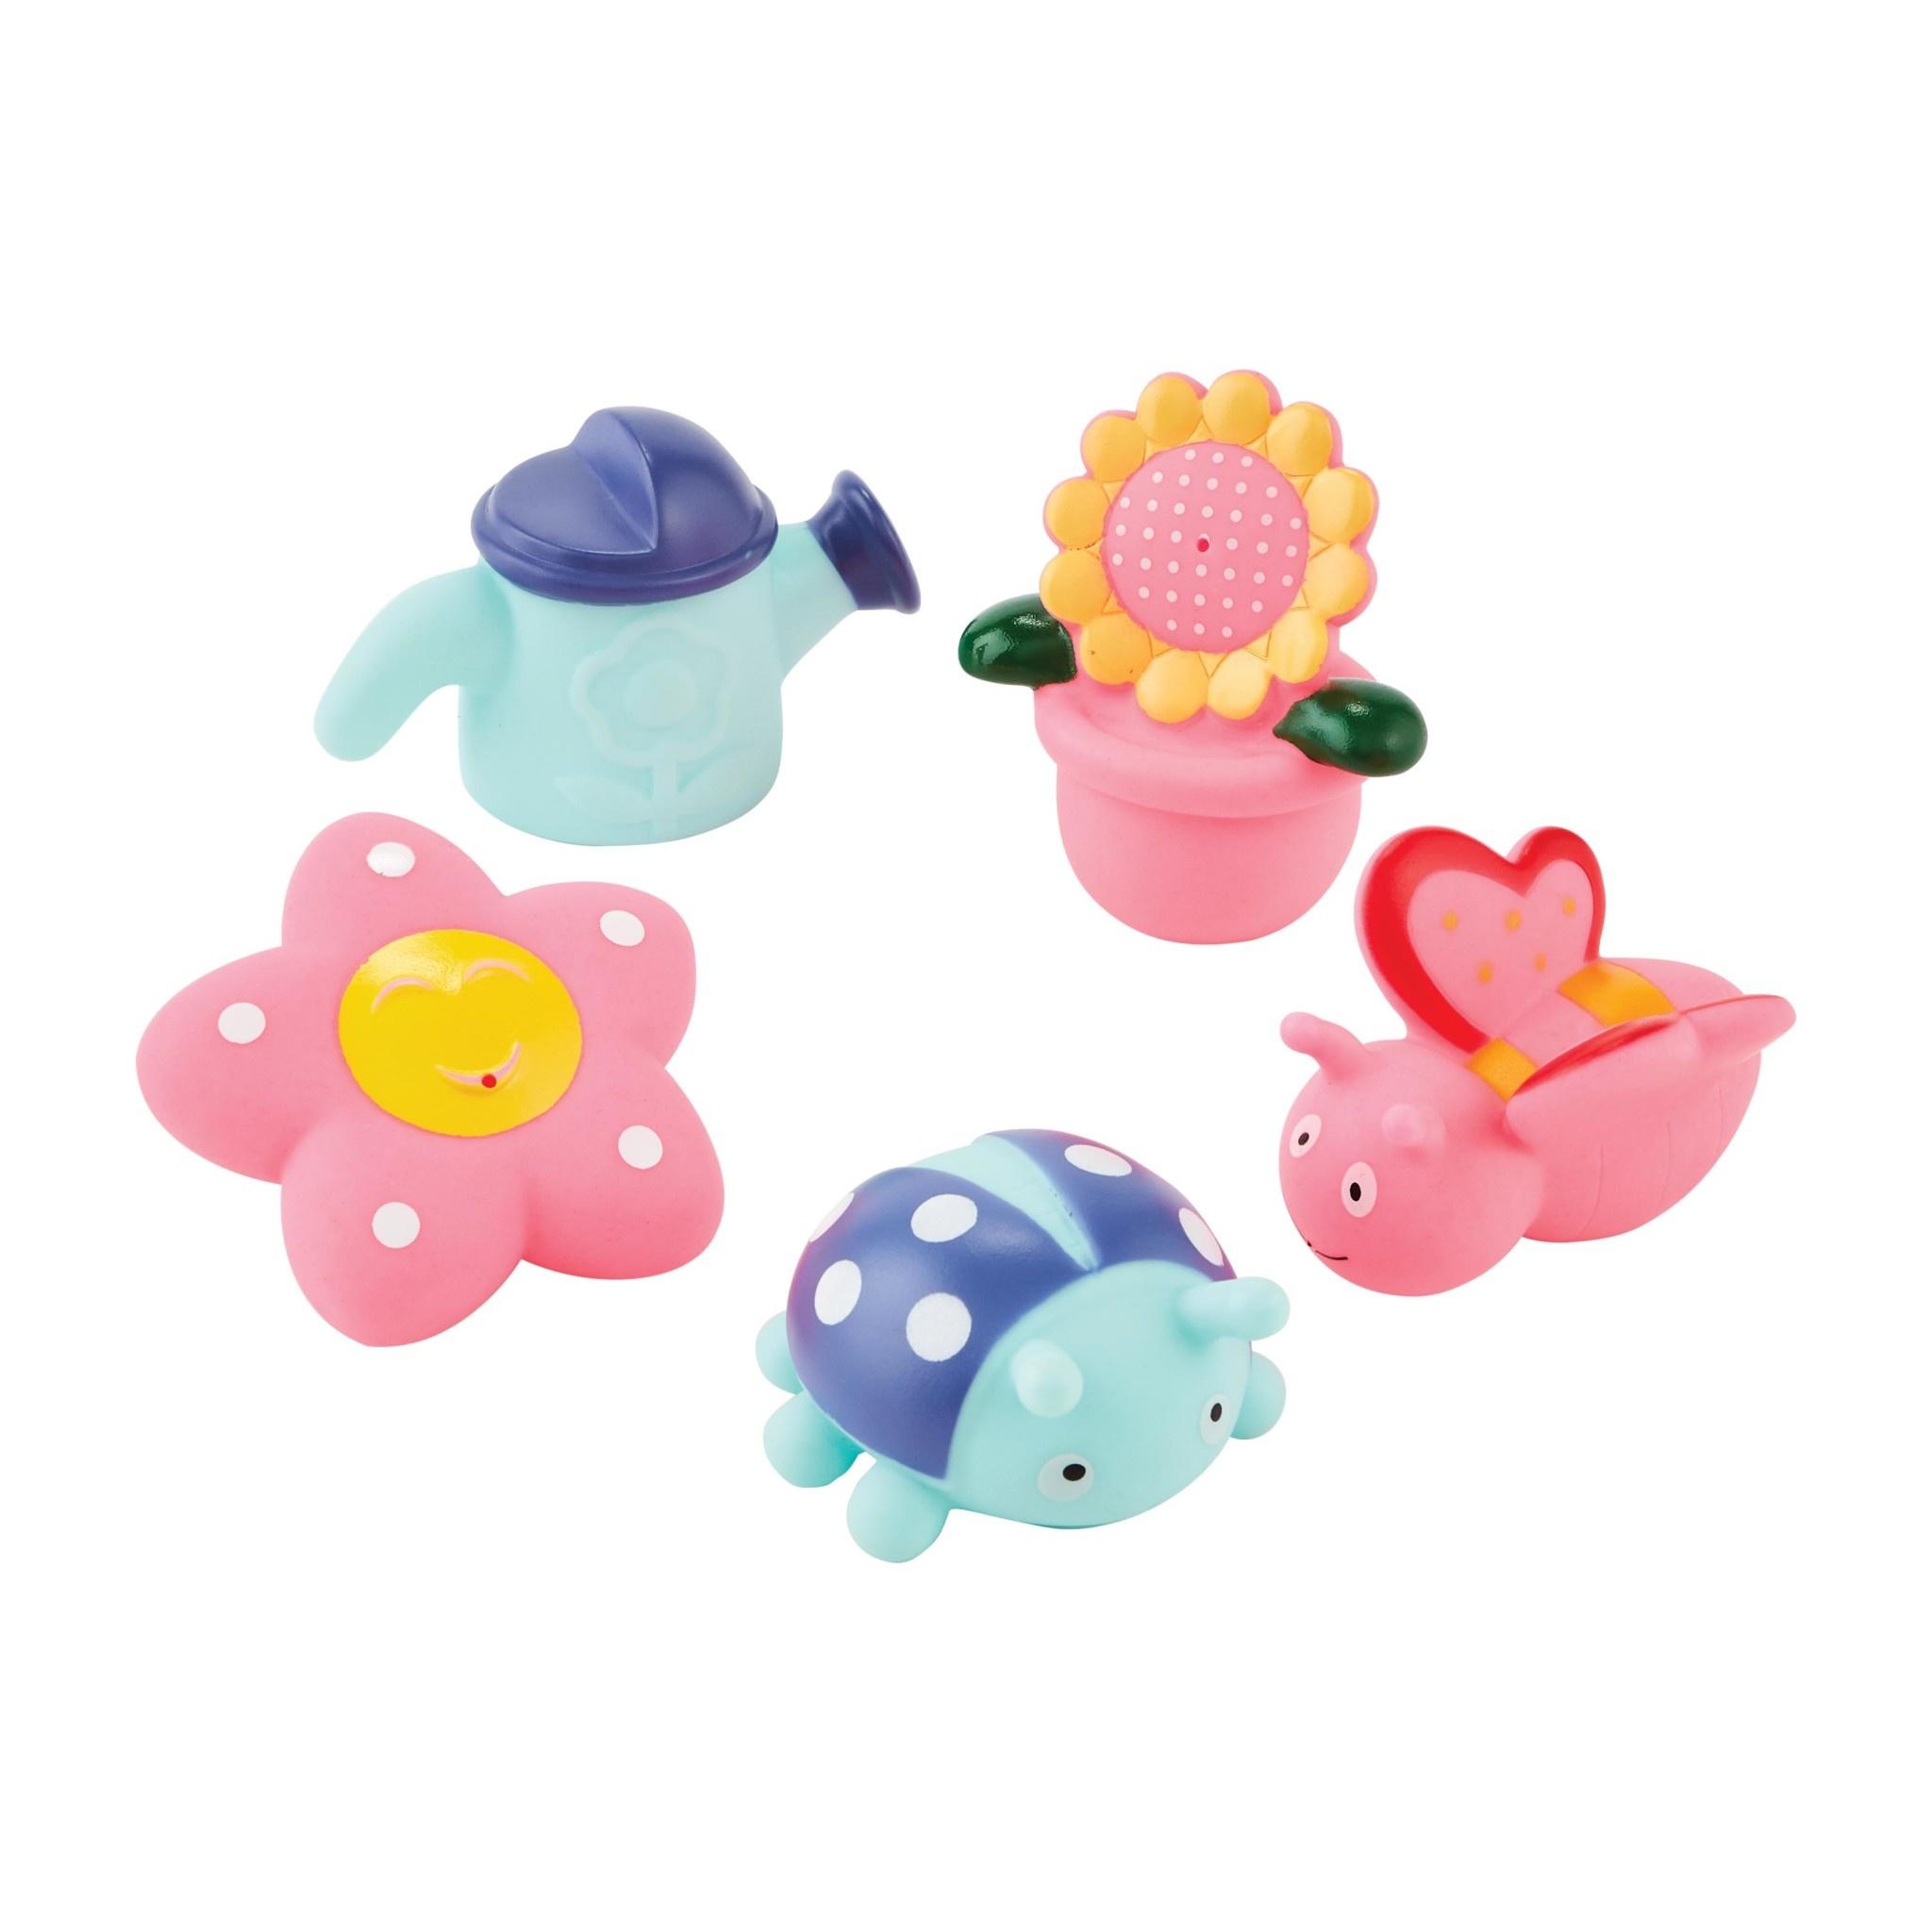 Mud Pie Garden Bath Toy Set